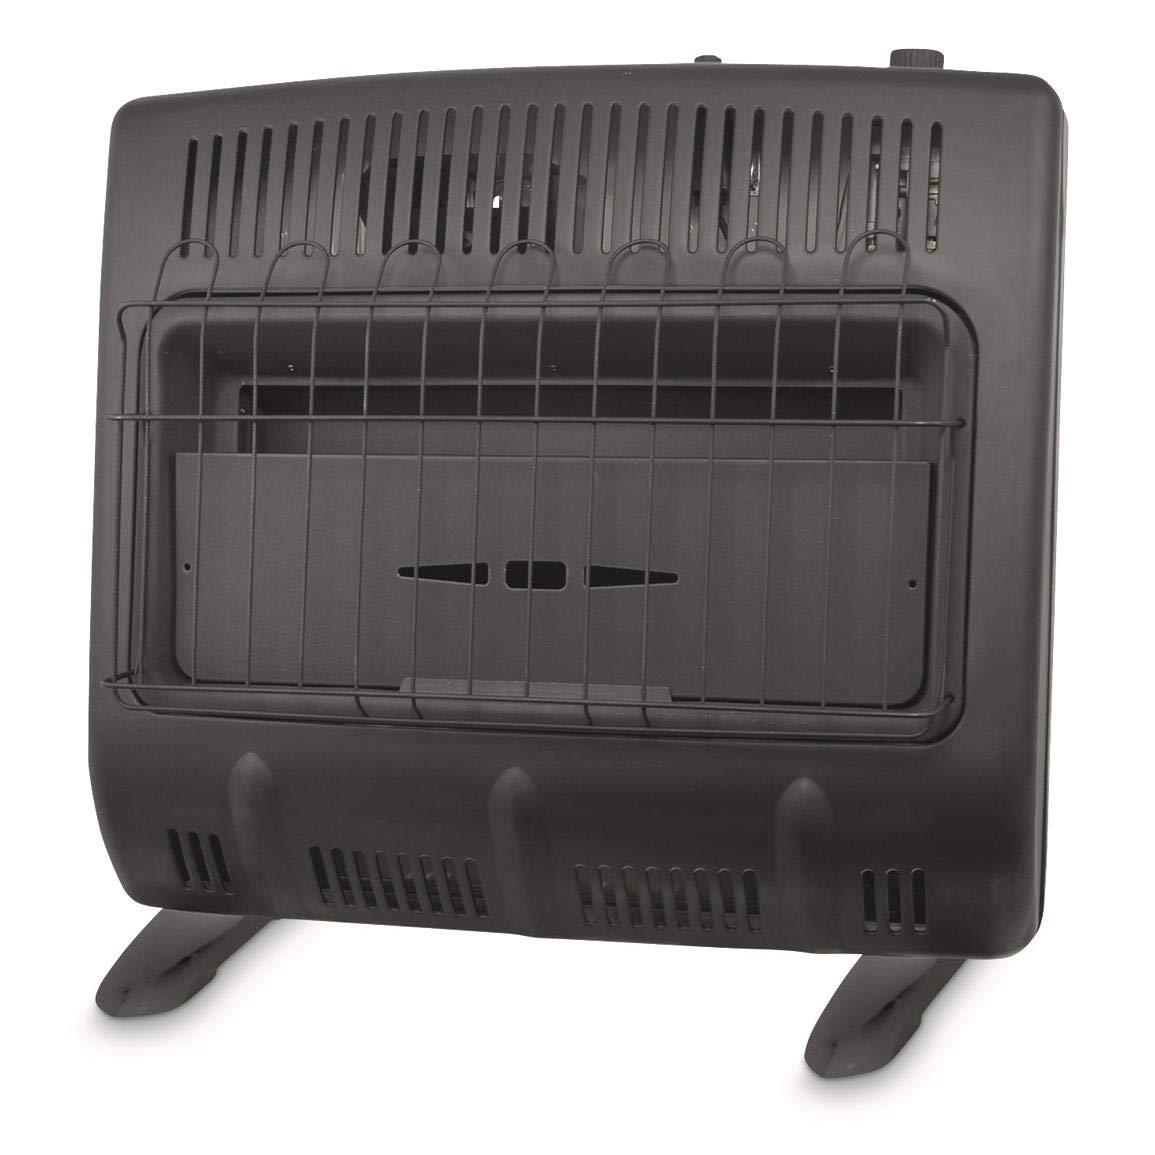 Mr. Heater 30,000-BTU Vent-free Blue Flame Propane Heater, Black by Mr. Heater